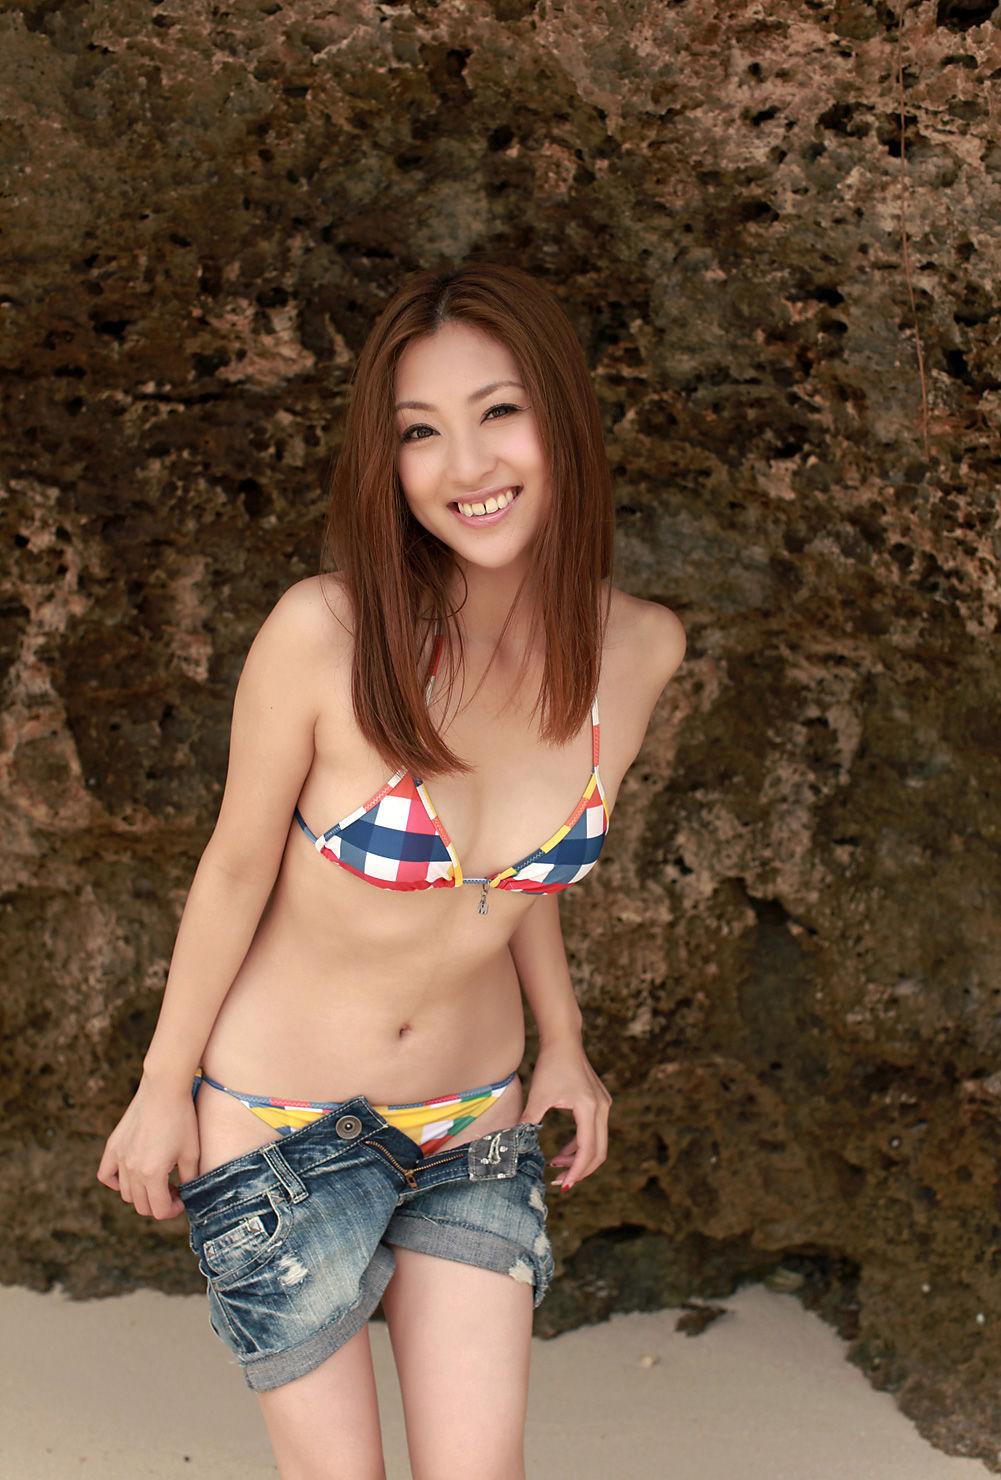 辰巳奈都子 画像 36